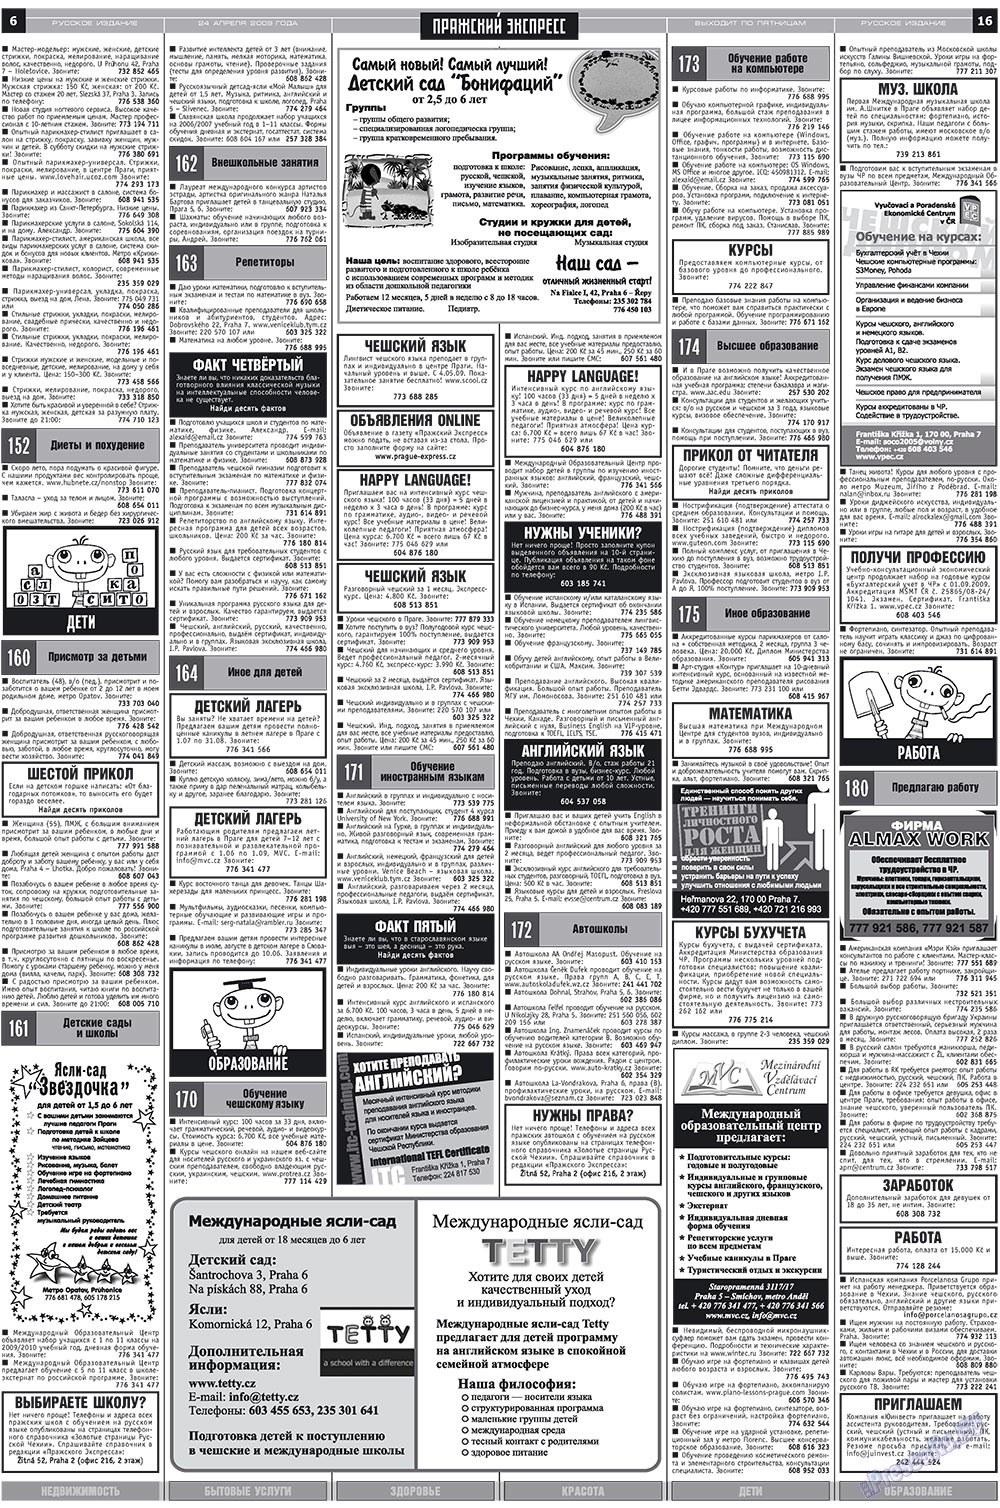 Пражский экспресс (газета). 2009 год, номер 16, стр. 6